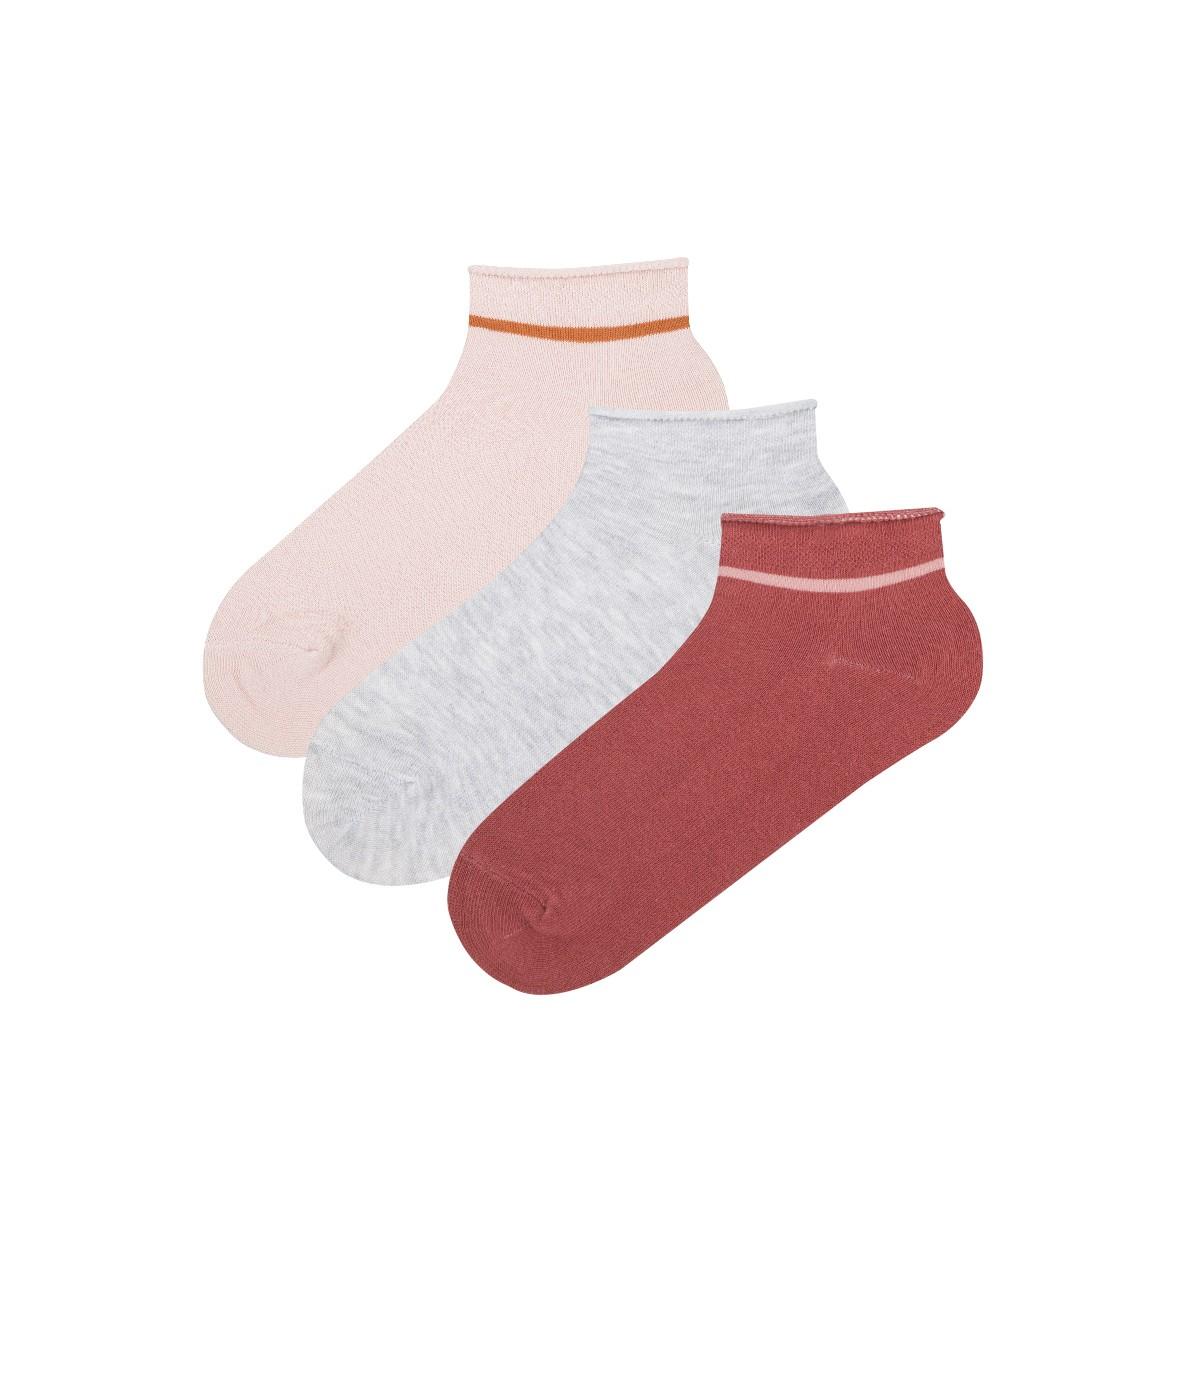 Karmen 3 in 1 Liner Socks